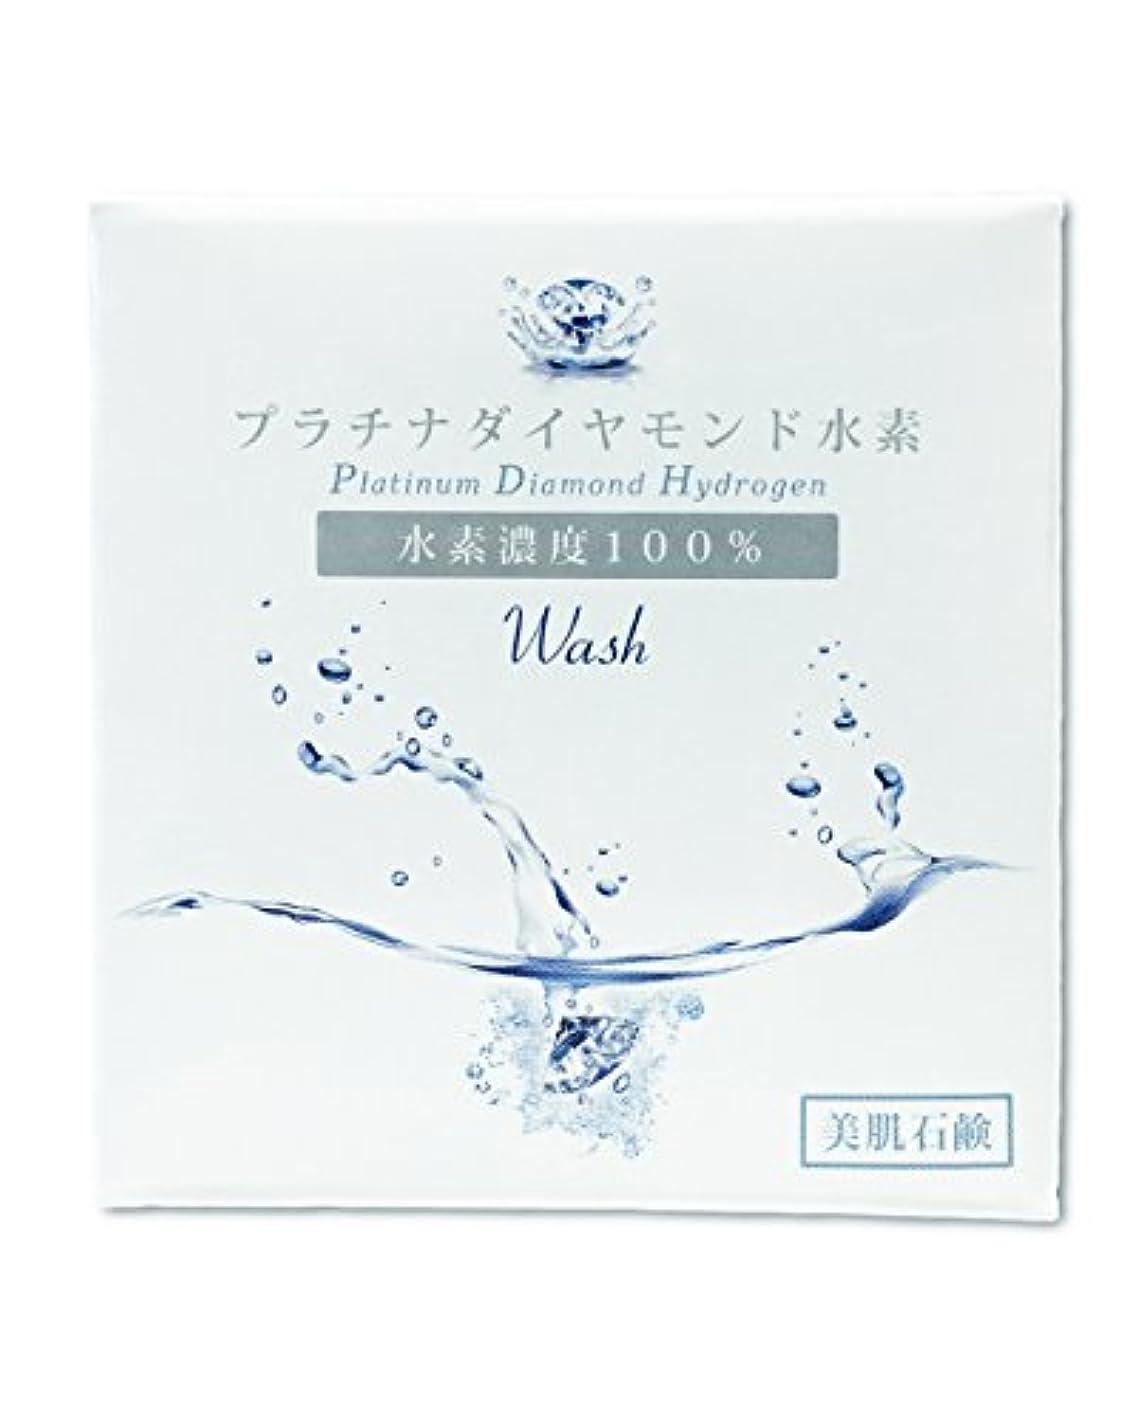 つぶす研究で出来ている水素石鹸 プラチナダイヤモンド水素Wash